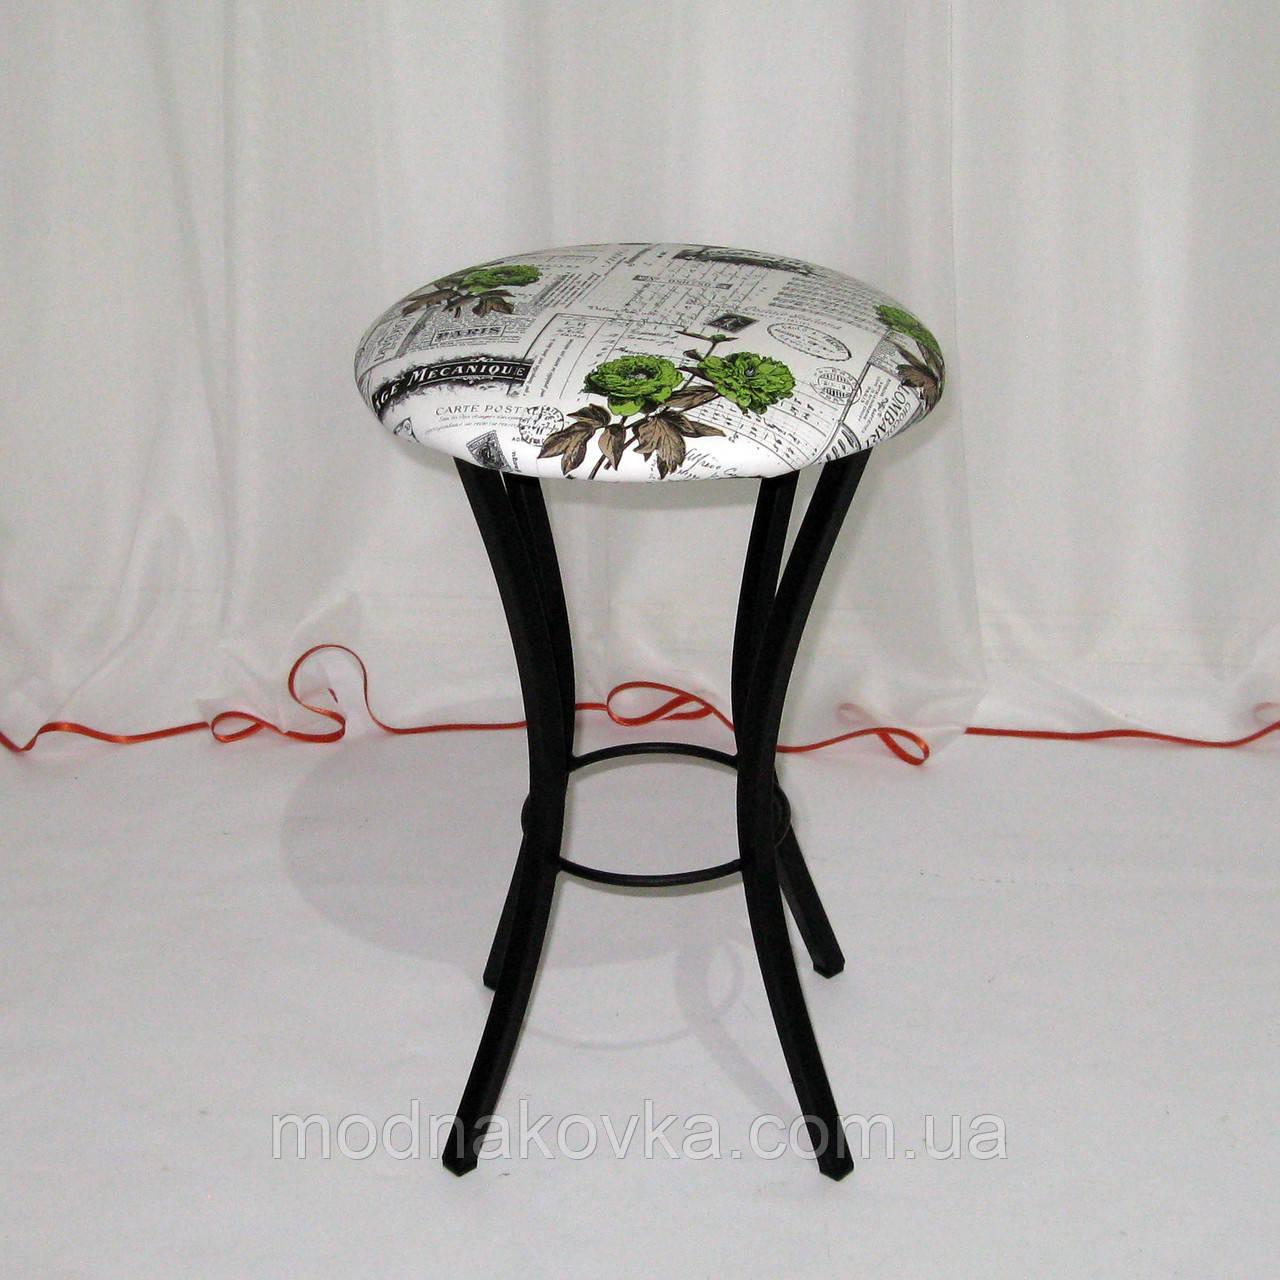 Металлический кухонный табурет, кожзам-рисунок цветы